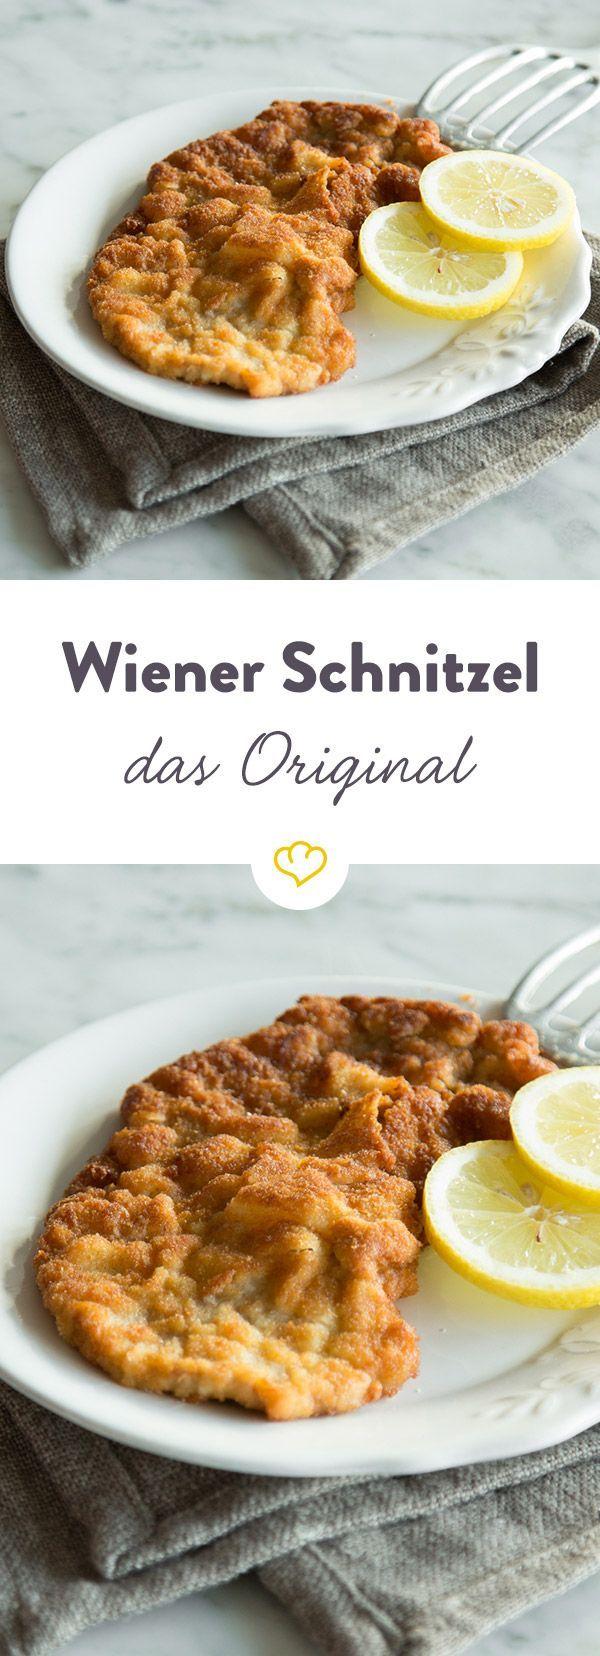 Das klassische Wiener Schnitzel verwöhnt dich mit saftigem Kalbsfleisch, umhüllt von einer knusprigen Panade. So wird es besonders zart und knusprig.